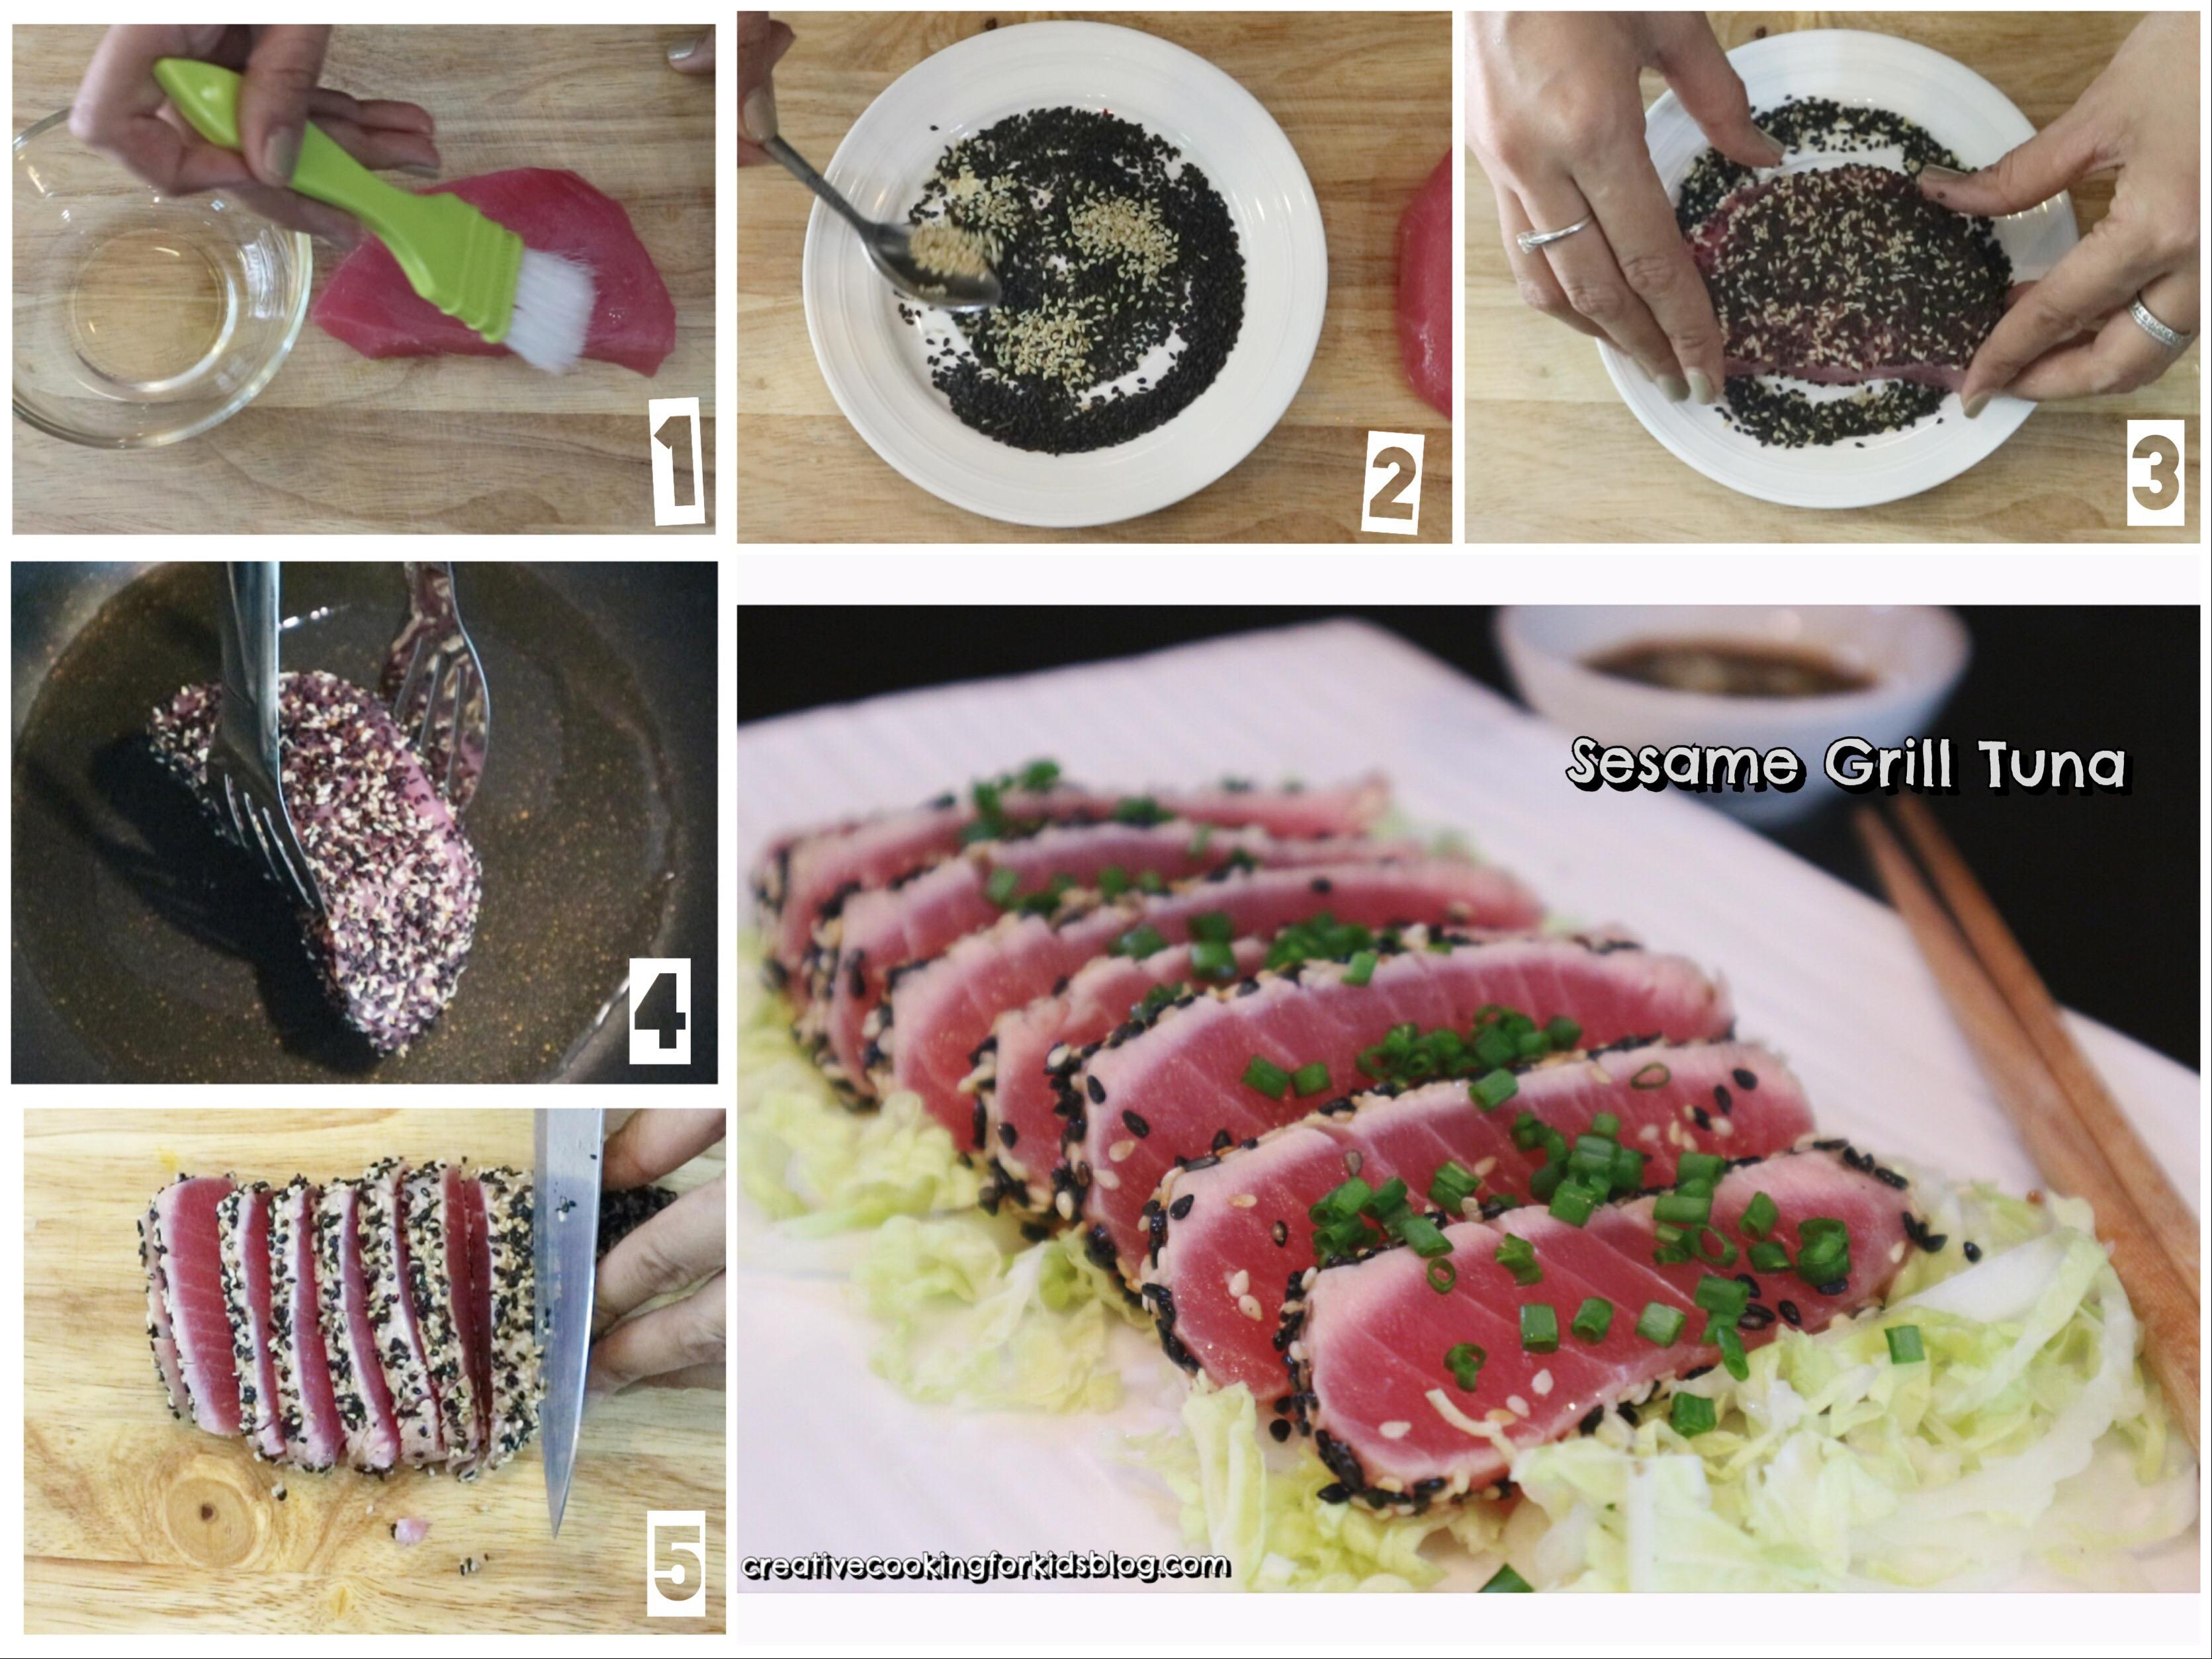 """อาหารคลีนง่ายๆ """" กริลล์ทูน่างาดำ """" ที่คุณทำเองได้ที่บ้าน สูตรอาหาร วิธีทำ แม่บ้าน"""